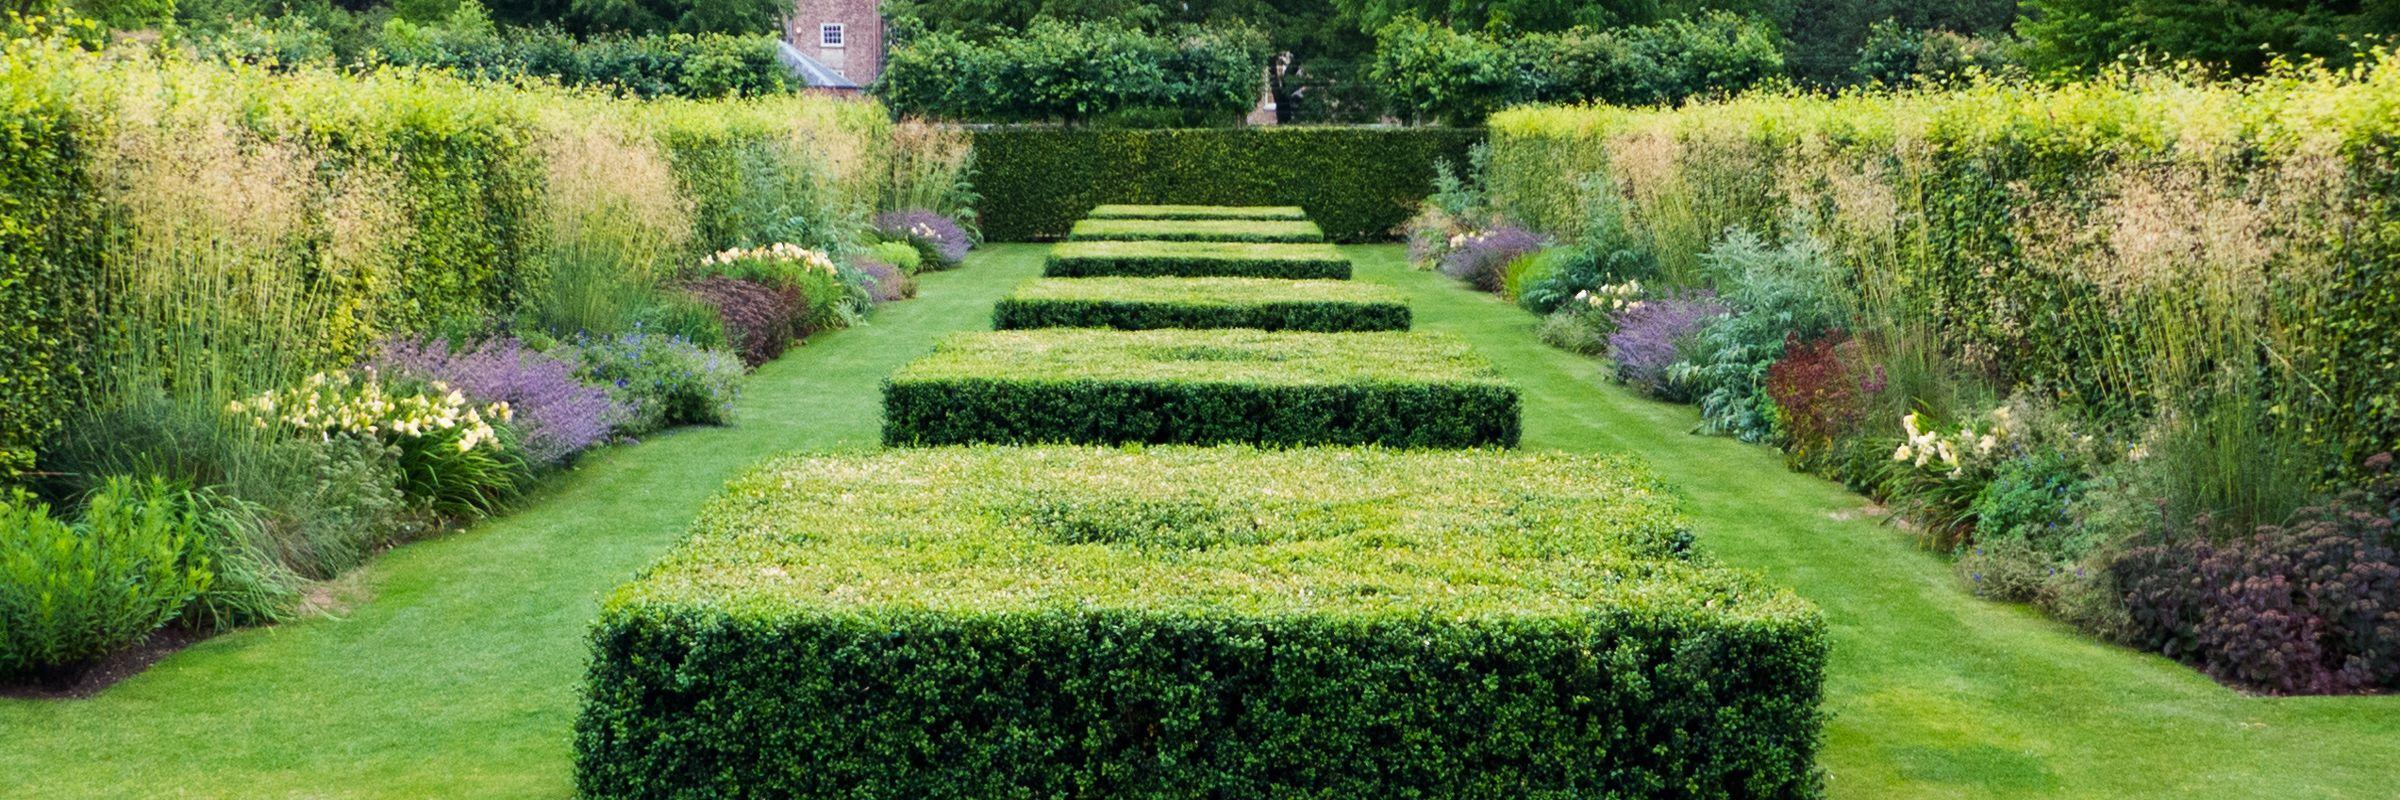 Scampston Hall Piet Oudolf S Garden Design At Scampston Malton North Yorkshire Garden Wall Beautiful Gardens Garden